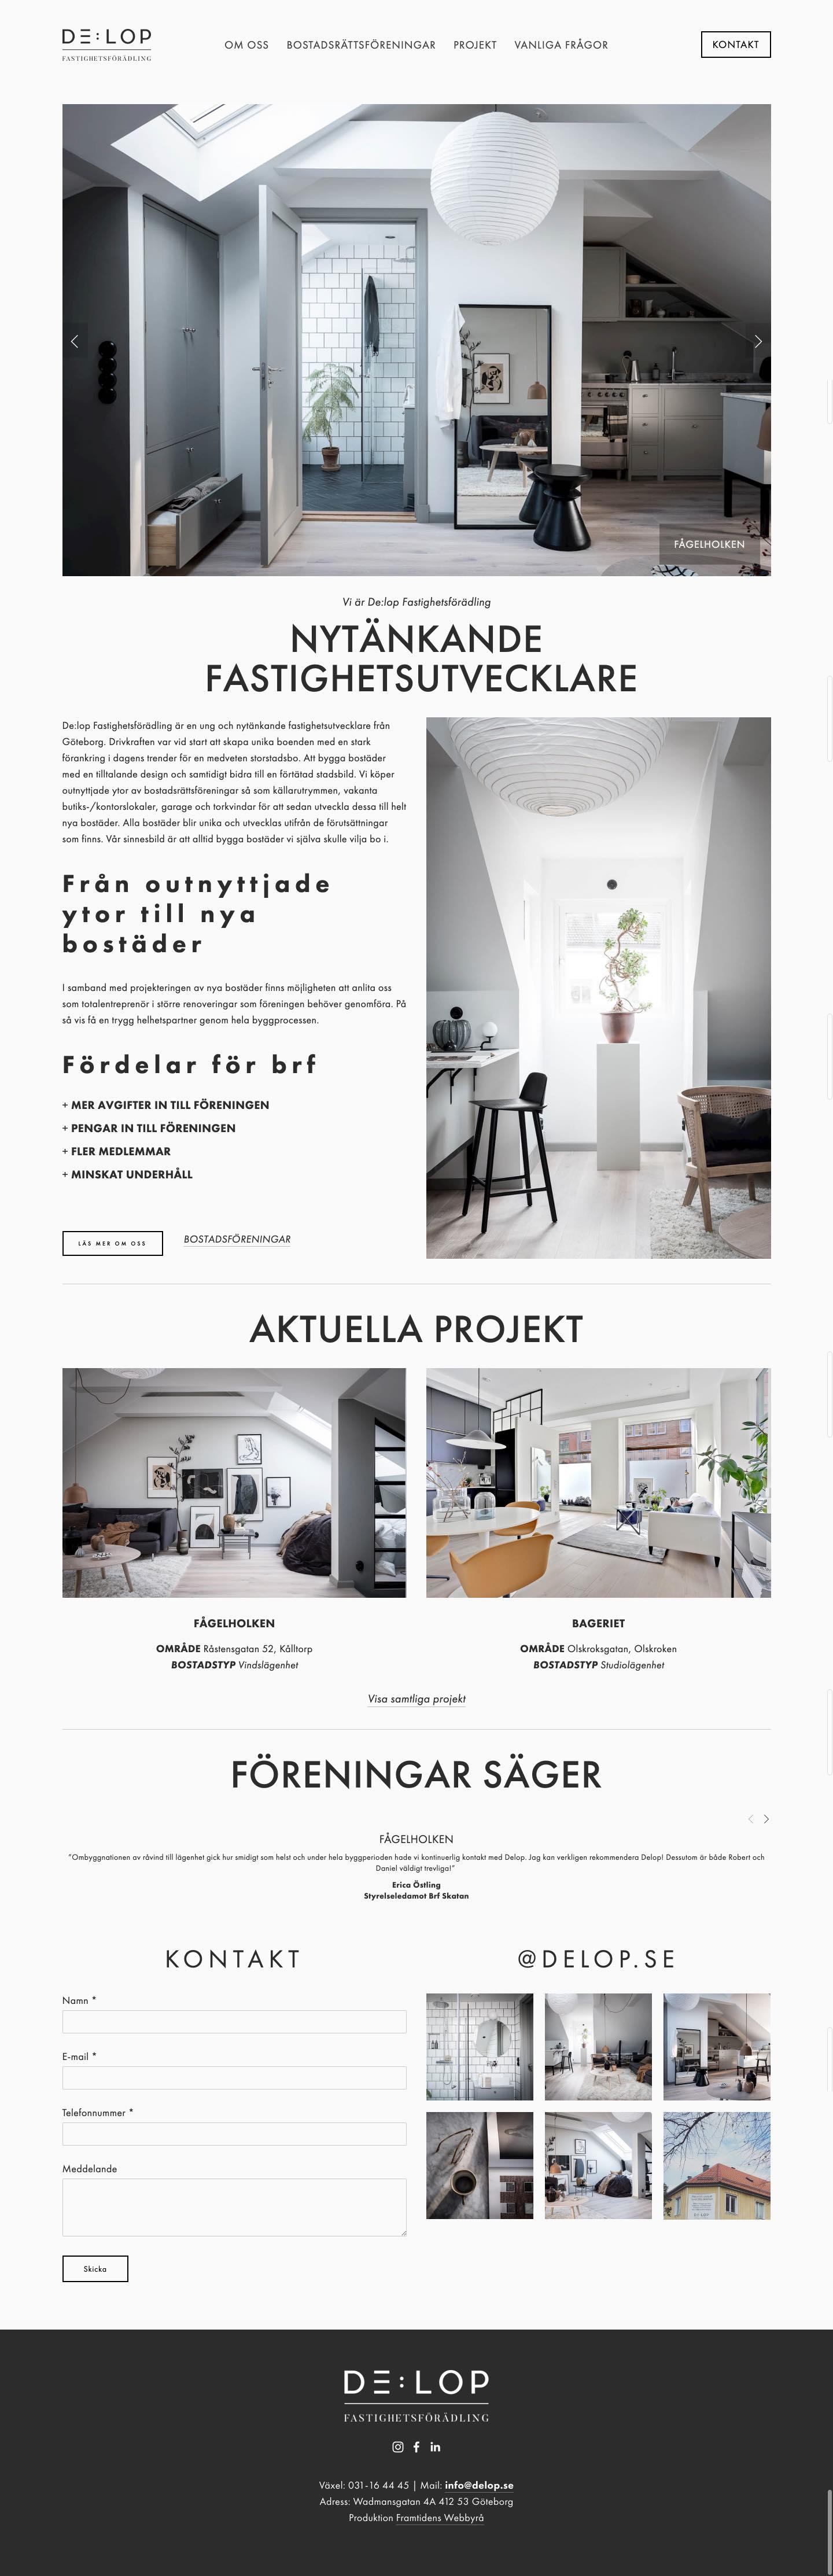 framtidens-webbyrå-hemsida-uppdrag-delop-fastighetsförädling-1.jpg